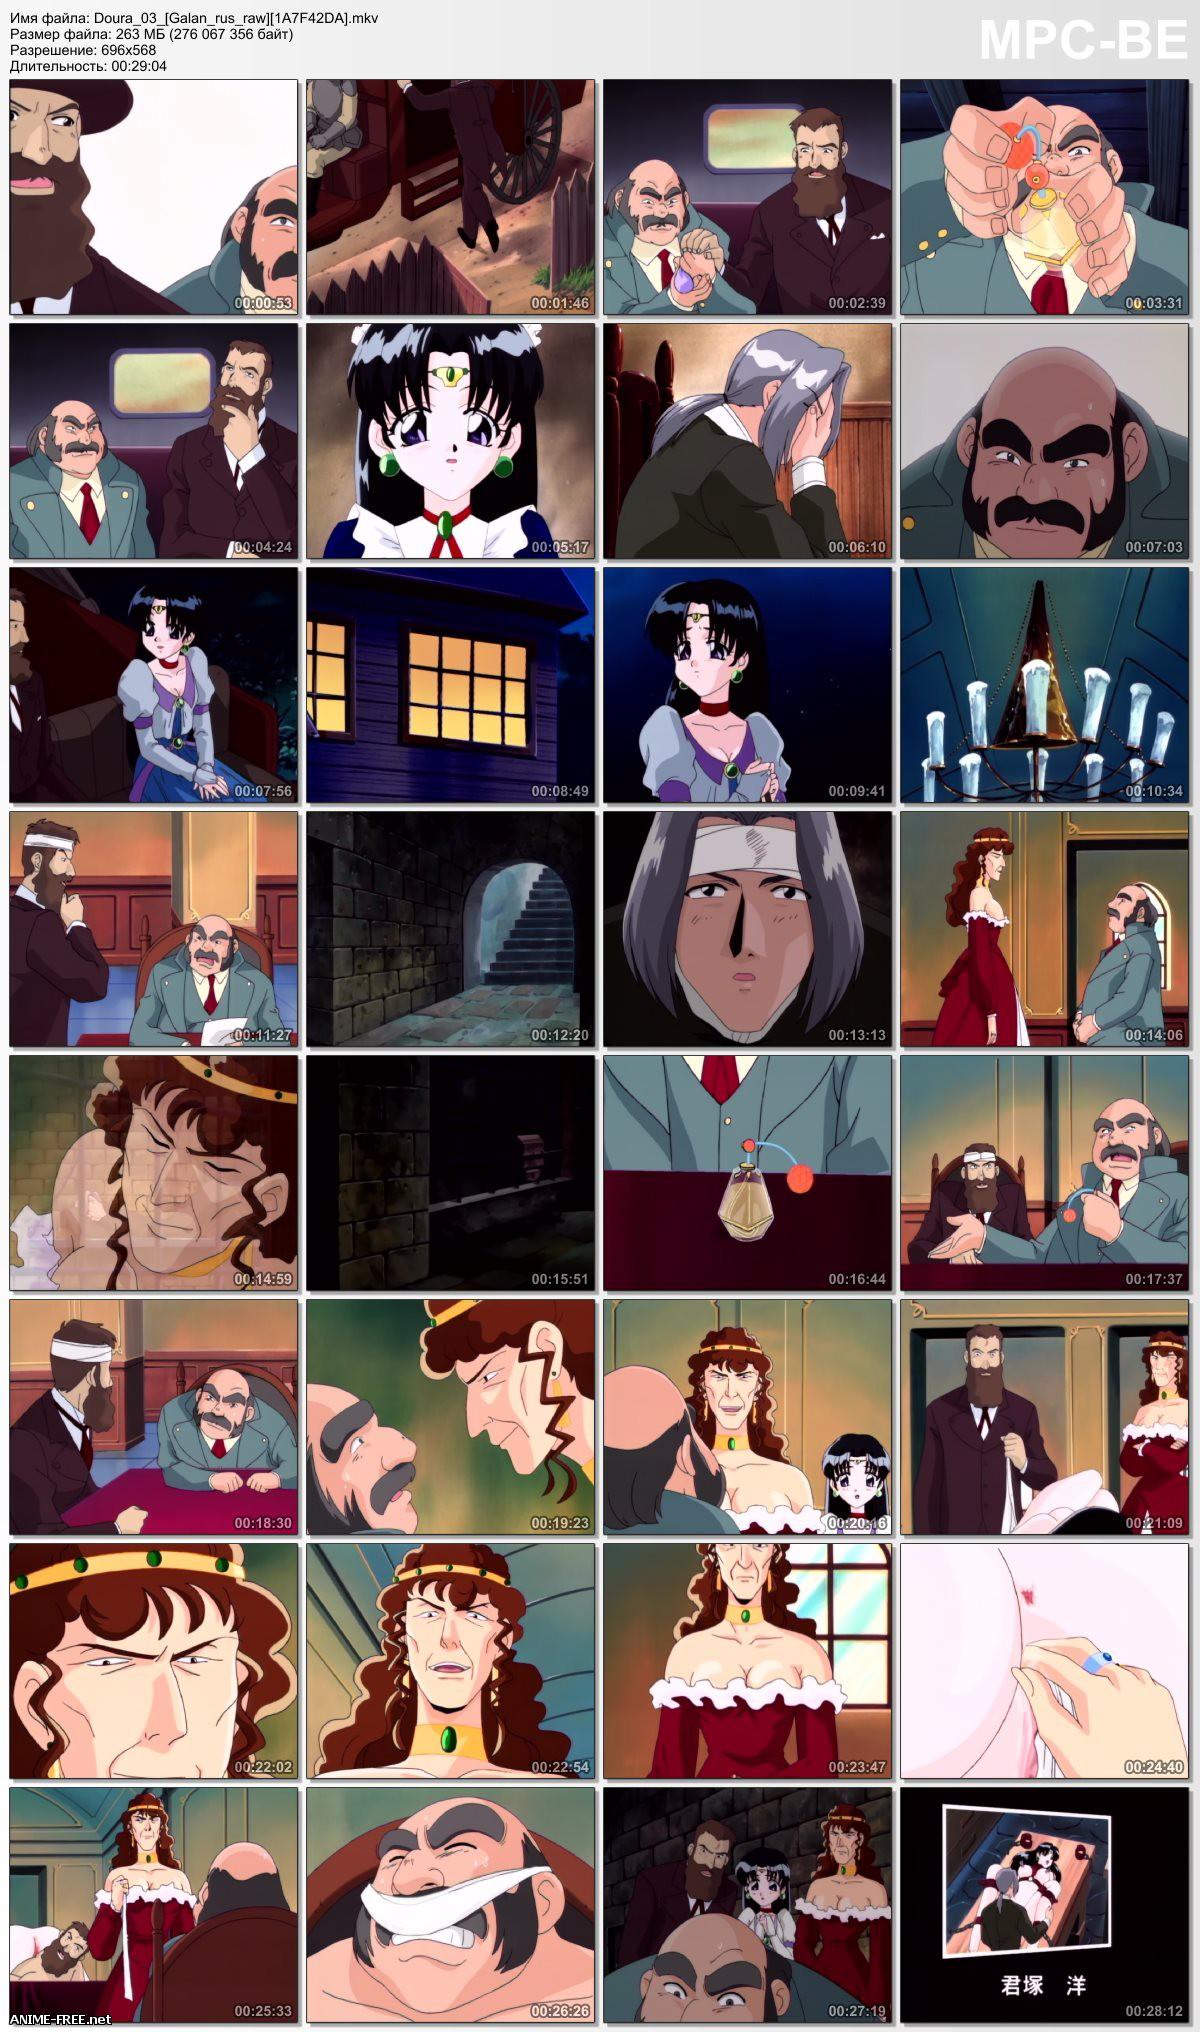 Doura | Kugutsu Ai: Doura Gaiden [Ep.1-4 + Ep.1] [JAP,GER] Anime Hentai